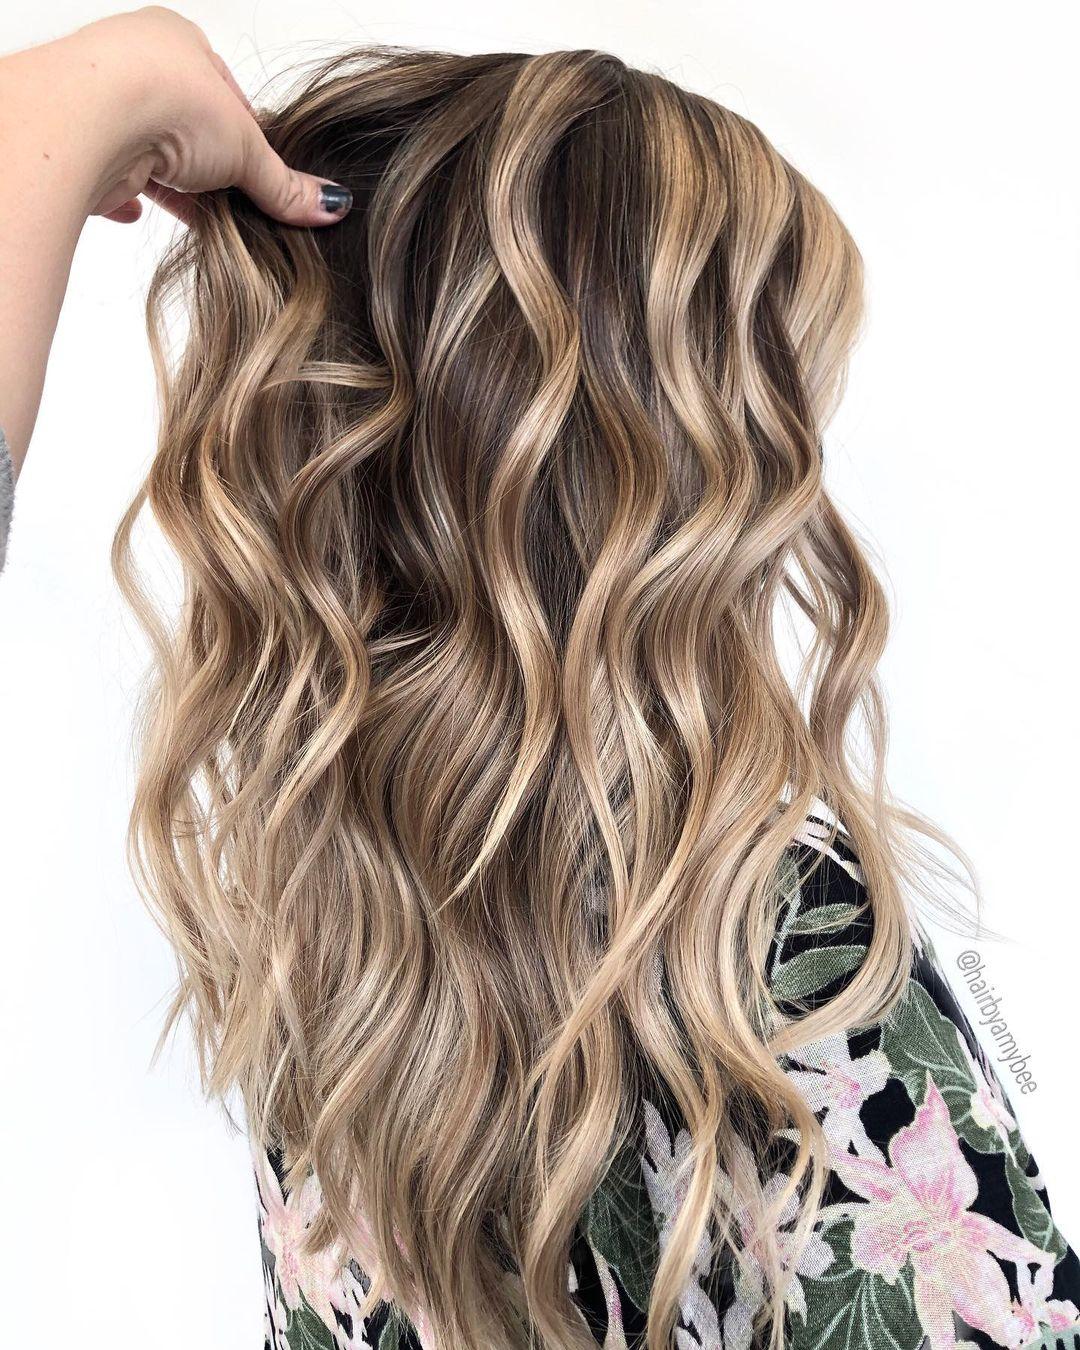 Curly Caramel Blonde Balayage Hair